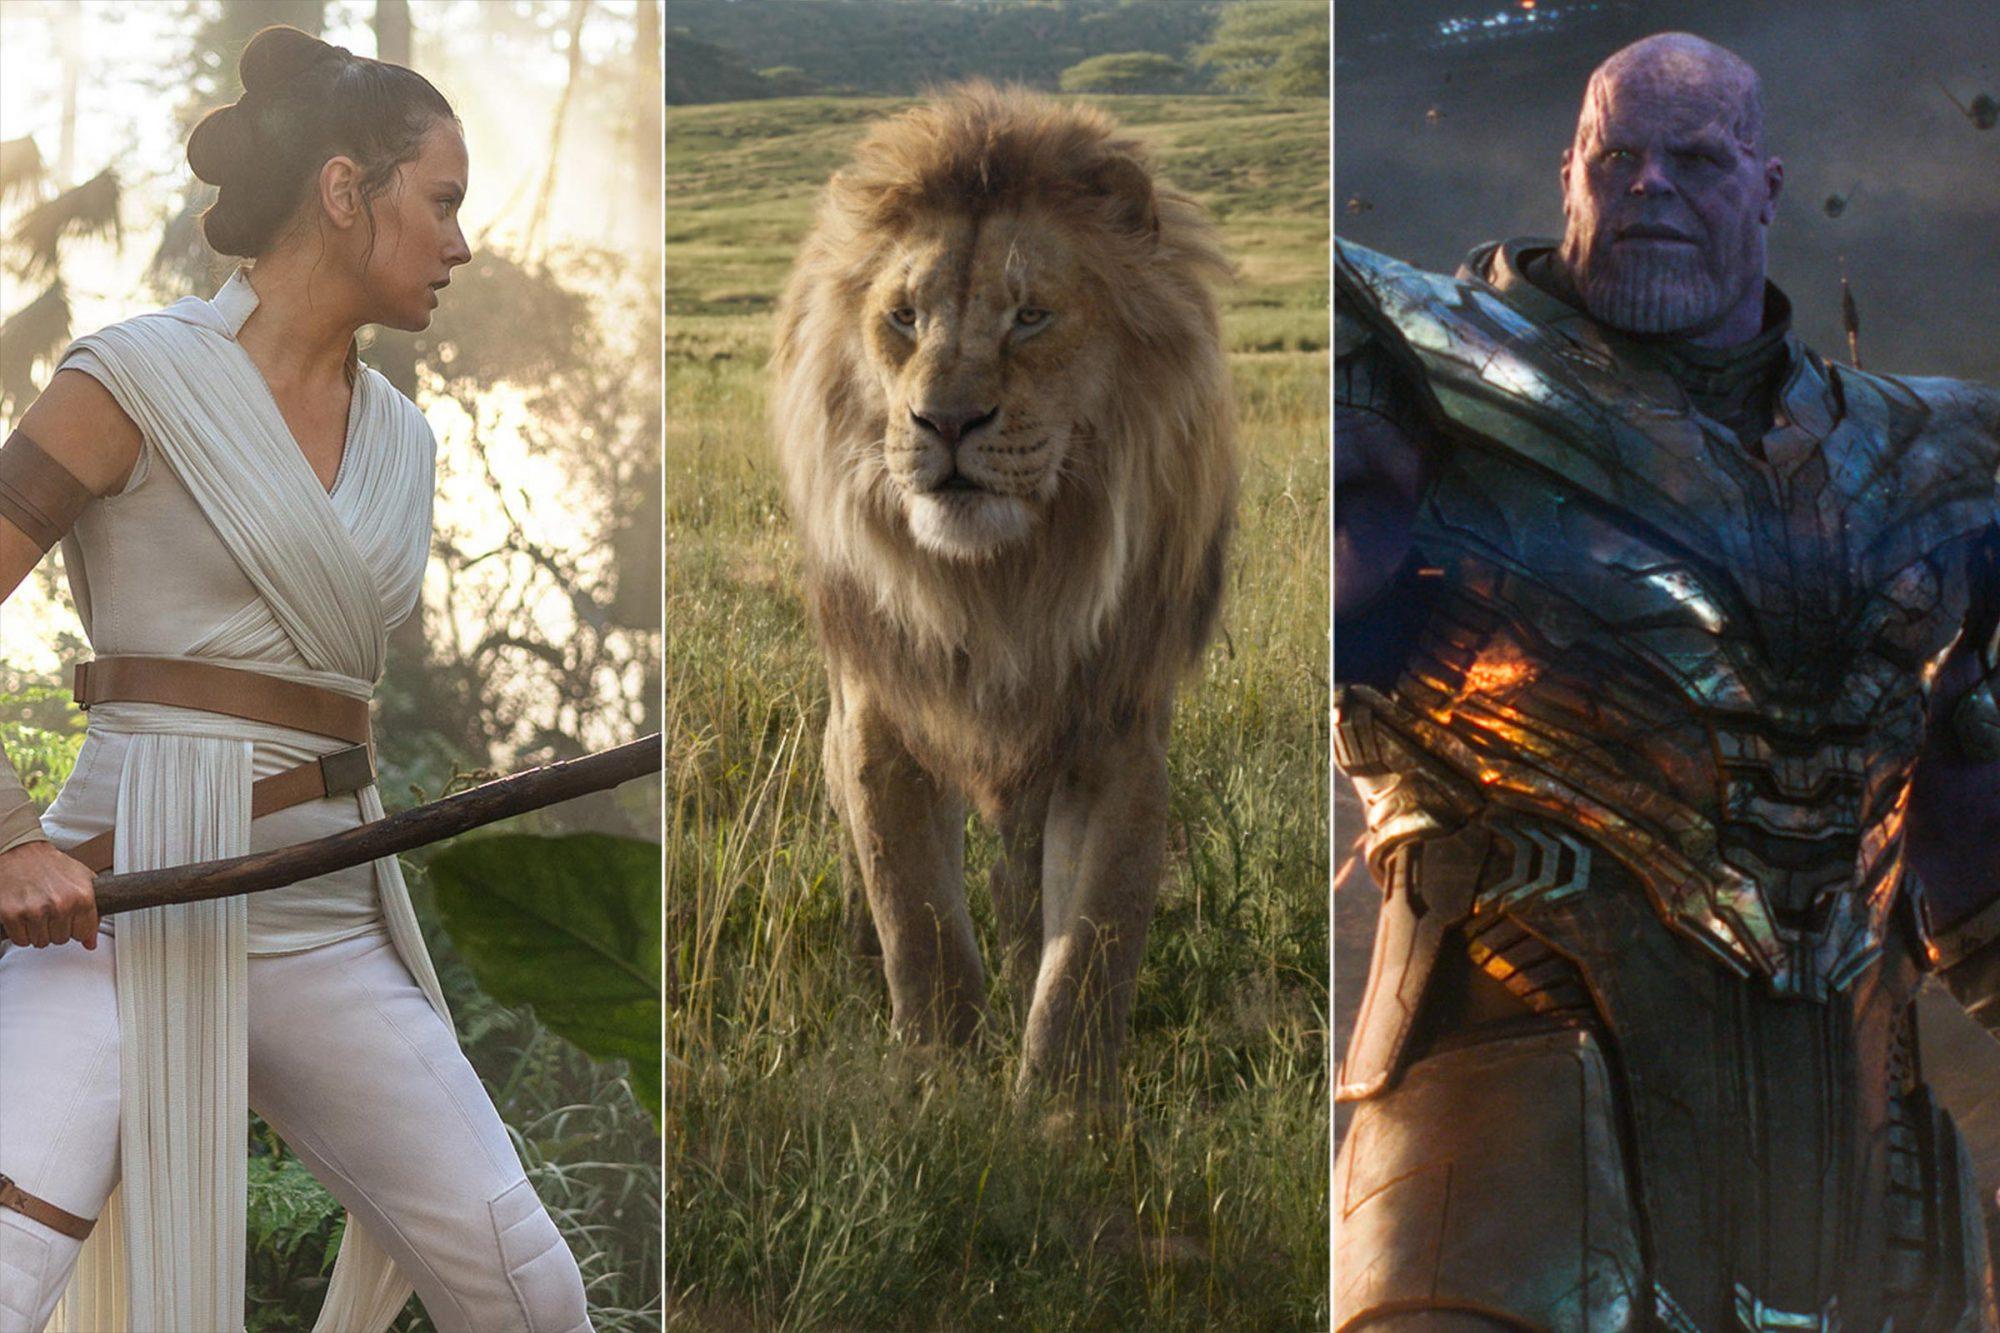 Star Wars: The Rise of Skywalker / The Lion King / Avengers: Endgame